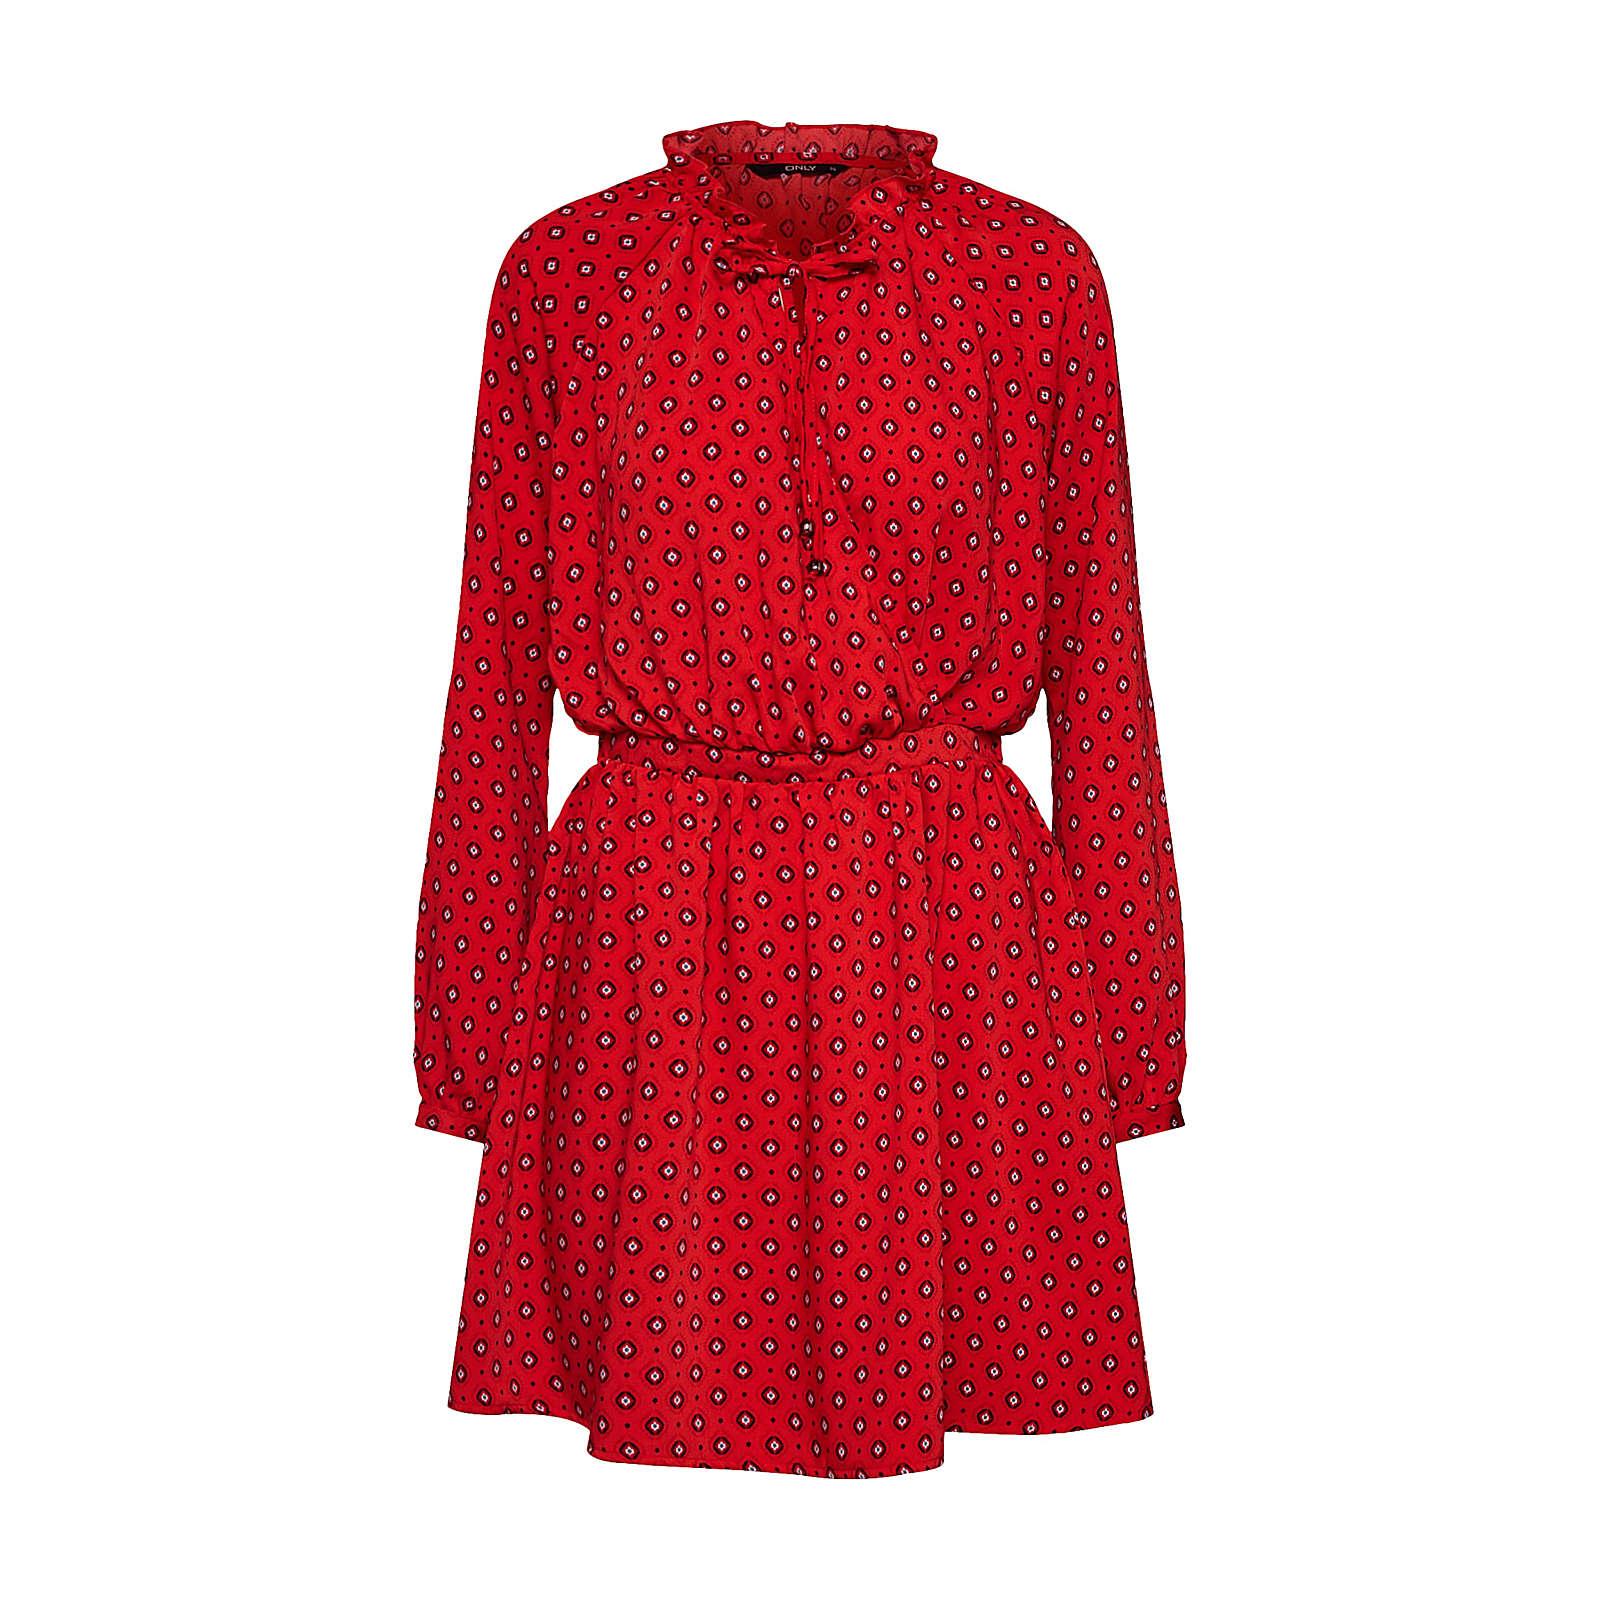 ONLY Blusenkleid Blusenkleider rot Damen Gr. 38